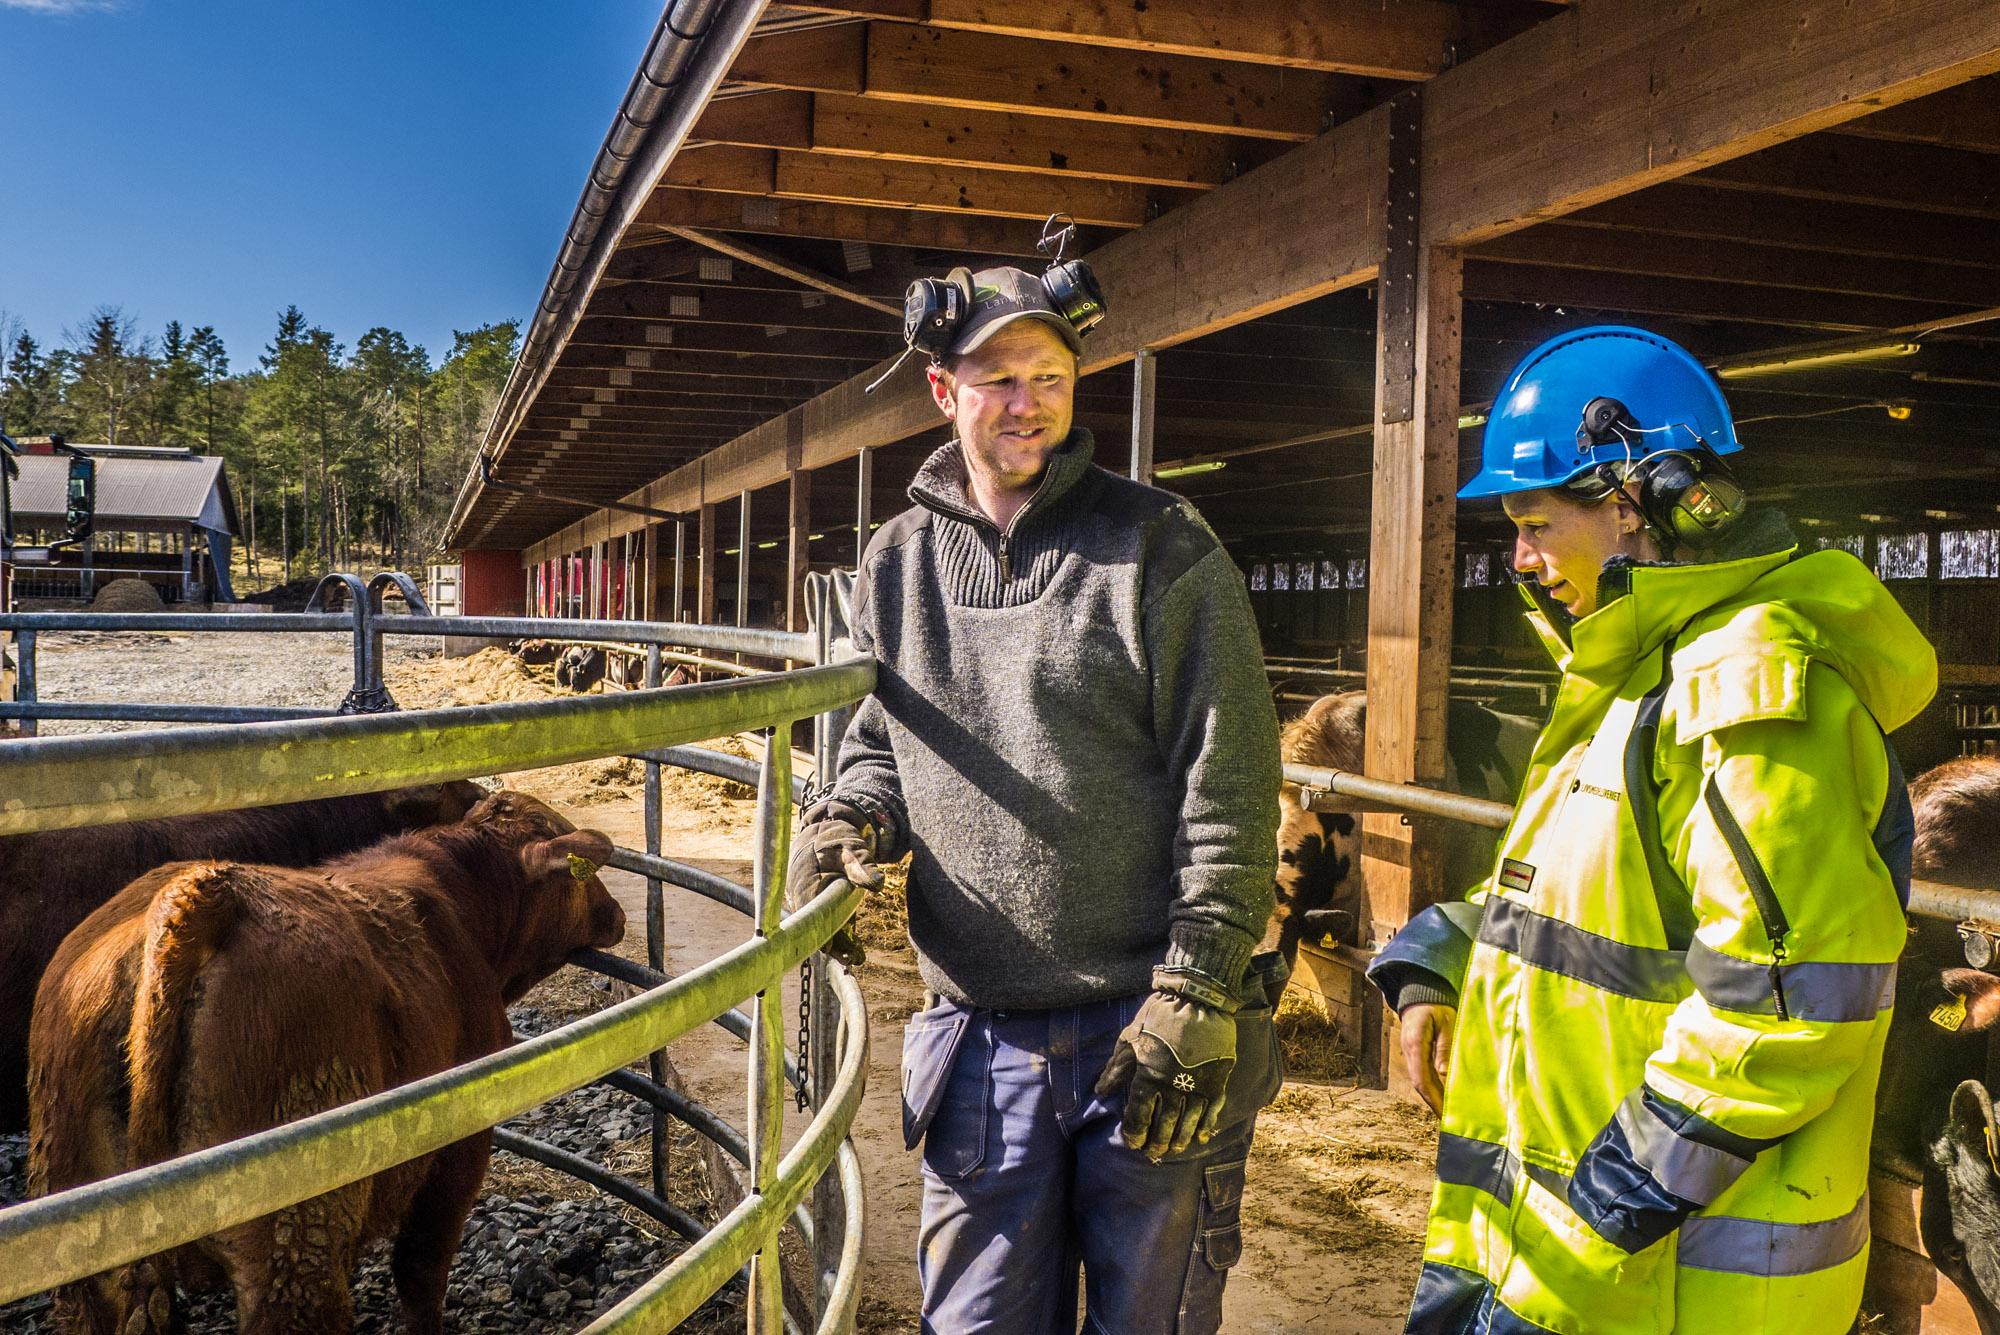 """Mona est vétérinaire. Elle est détachée par l'Autorité Suédoise de Sécurité Alimentaire. A chaque abattage, elle vérifie l'état de l'animal avant et après sa mise à mort, et note tout, scrupuleusement. Devant l'enclos elle constate que les vaches sont particulièrement recouvertes de terre. """"C'est sûrement sans importance, mais je ferai un rapport. Nous procédons ainsi en Suède"""". (photo Charles Perragin & Margot Hemmerich/8e étage)"""